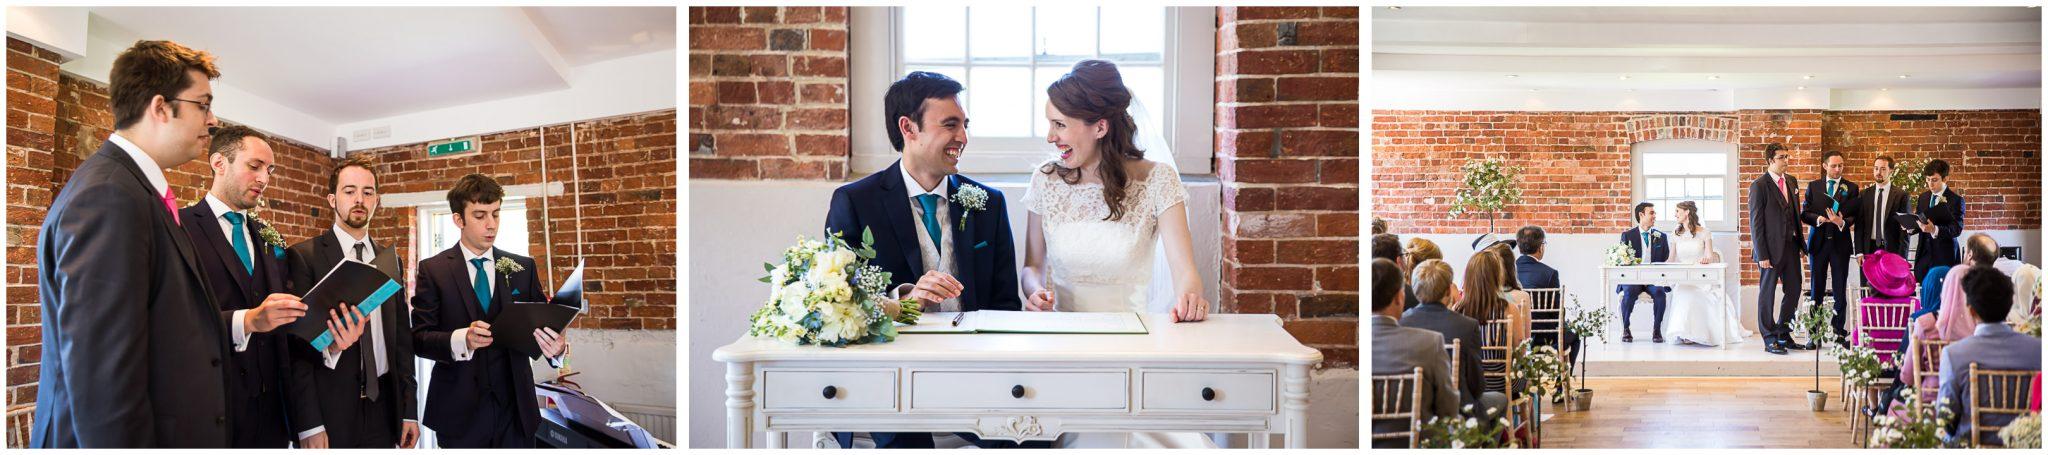 Sopley Mill Summer wedding signing of the register